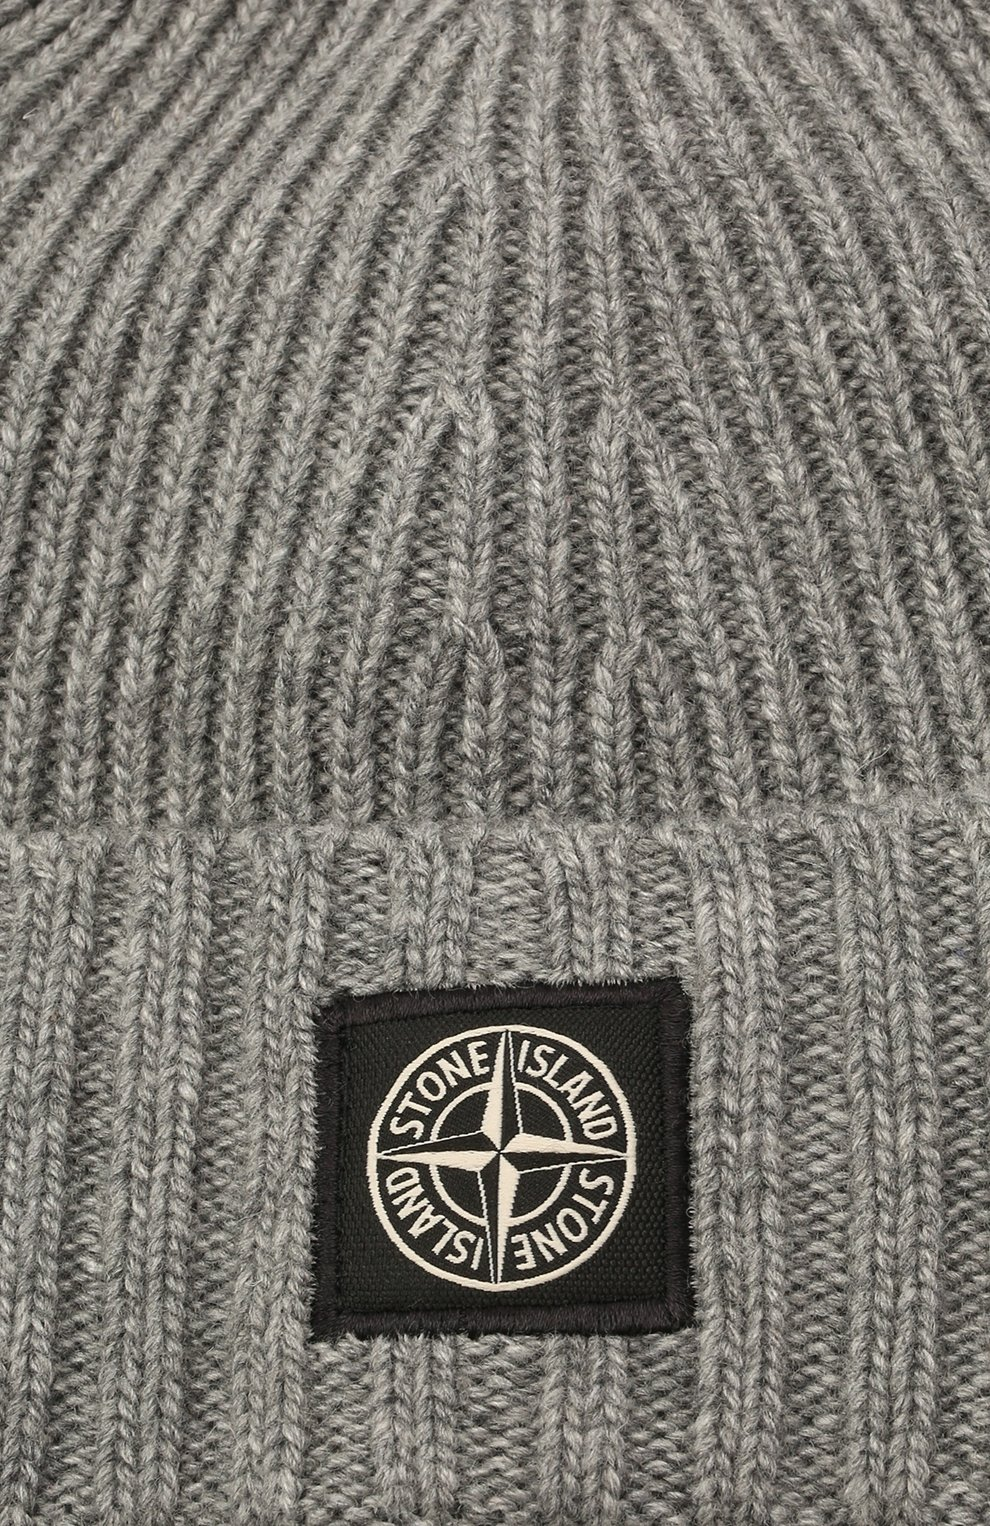 Детского шапка из шерсти и вискозы STONE ISLAND темно-серого цвета, арт. 7516N03A8 | Фото 3 (Материал: Текстиль, Шерсть, Вискоза)